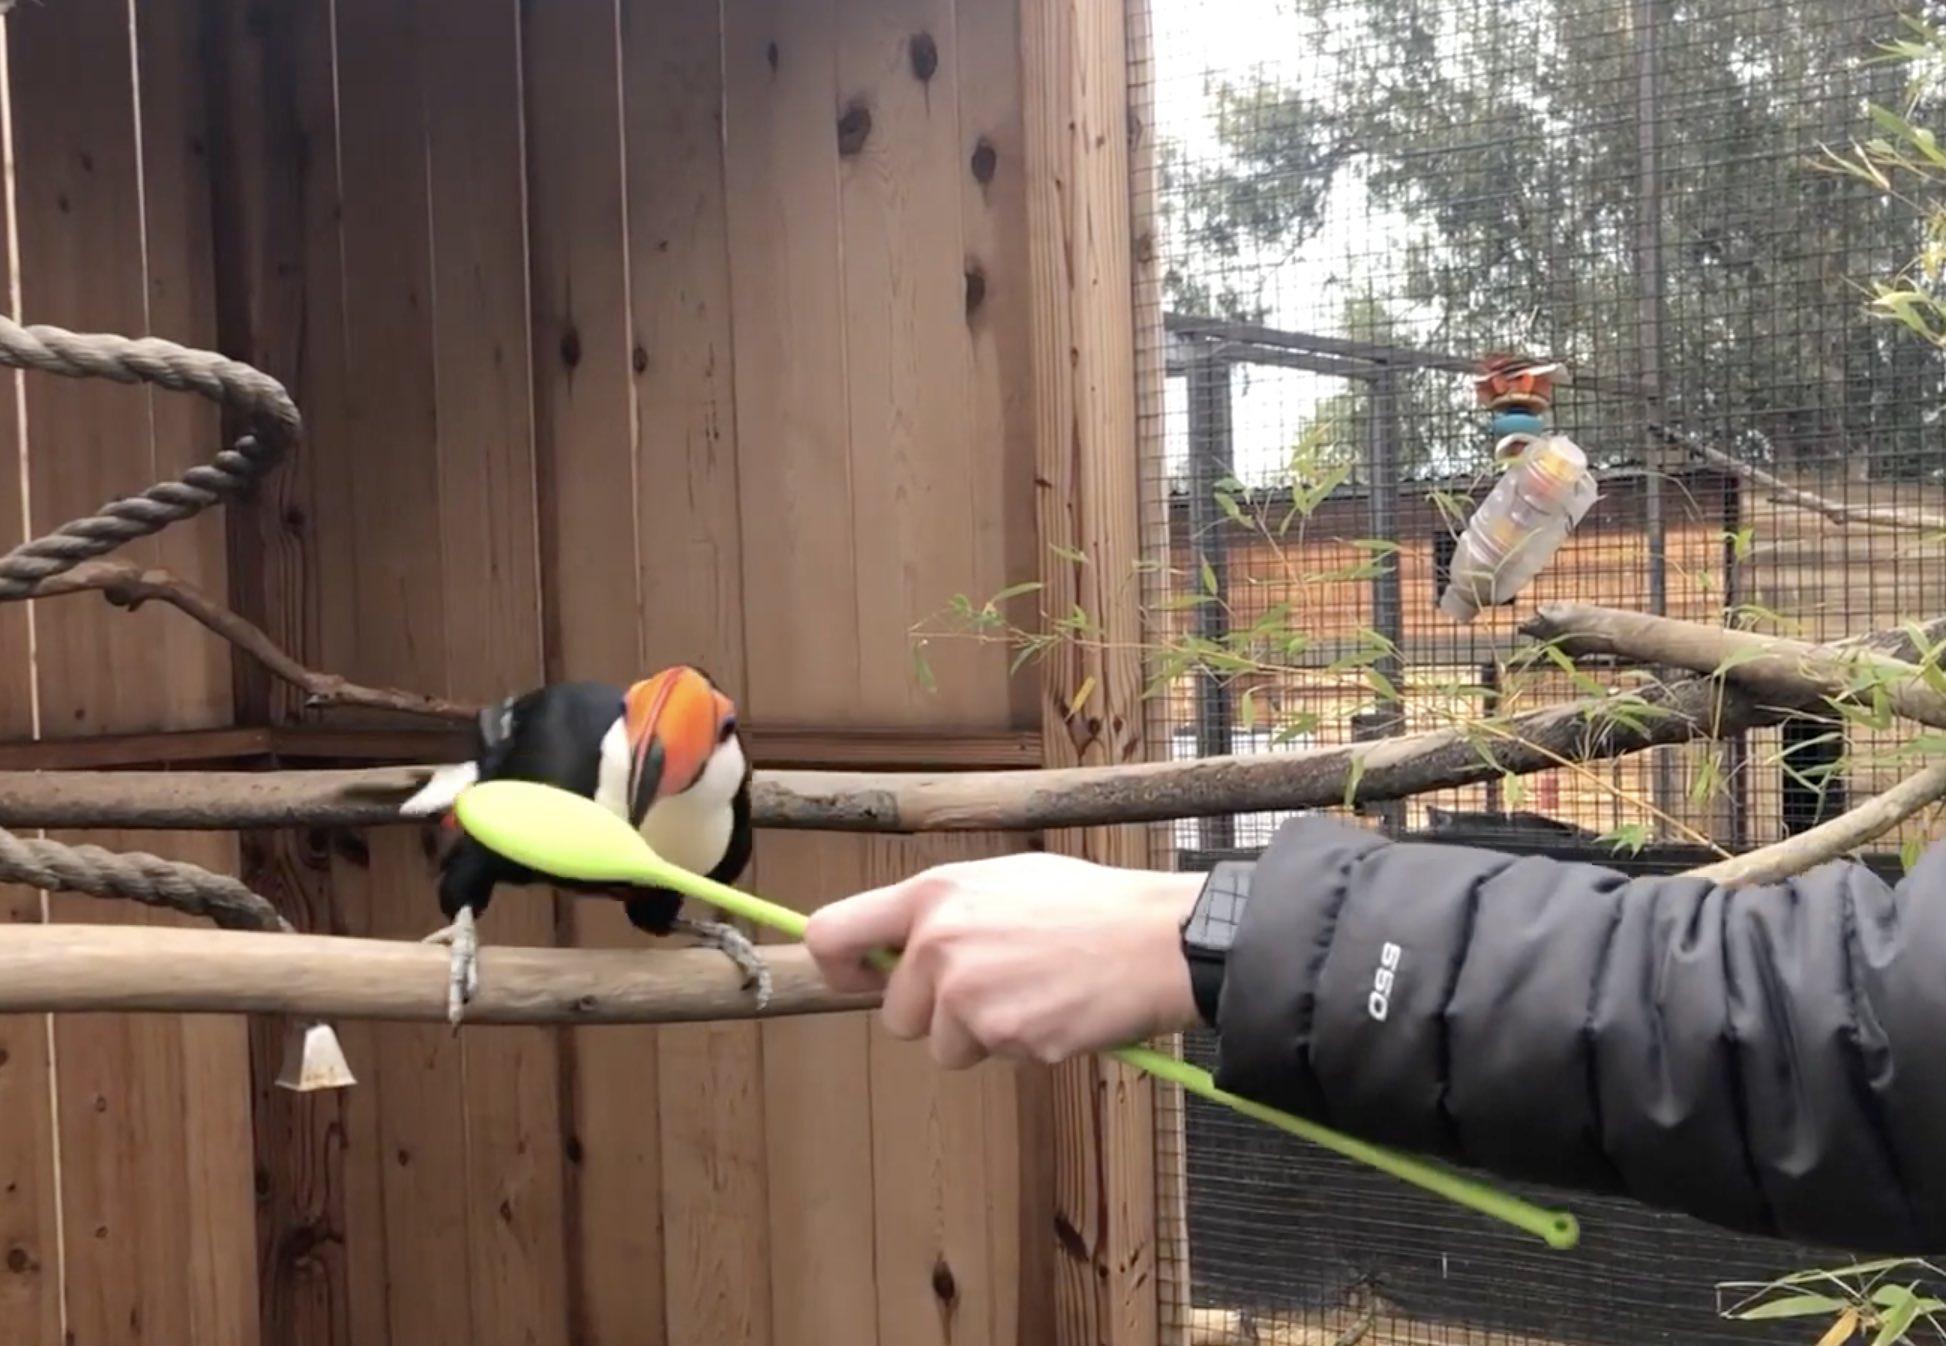 target training toucan